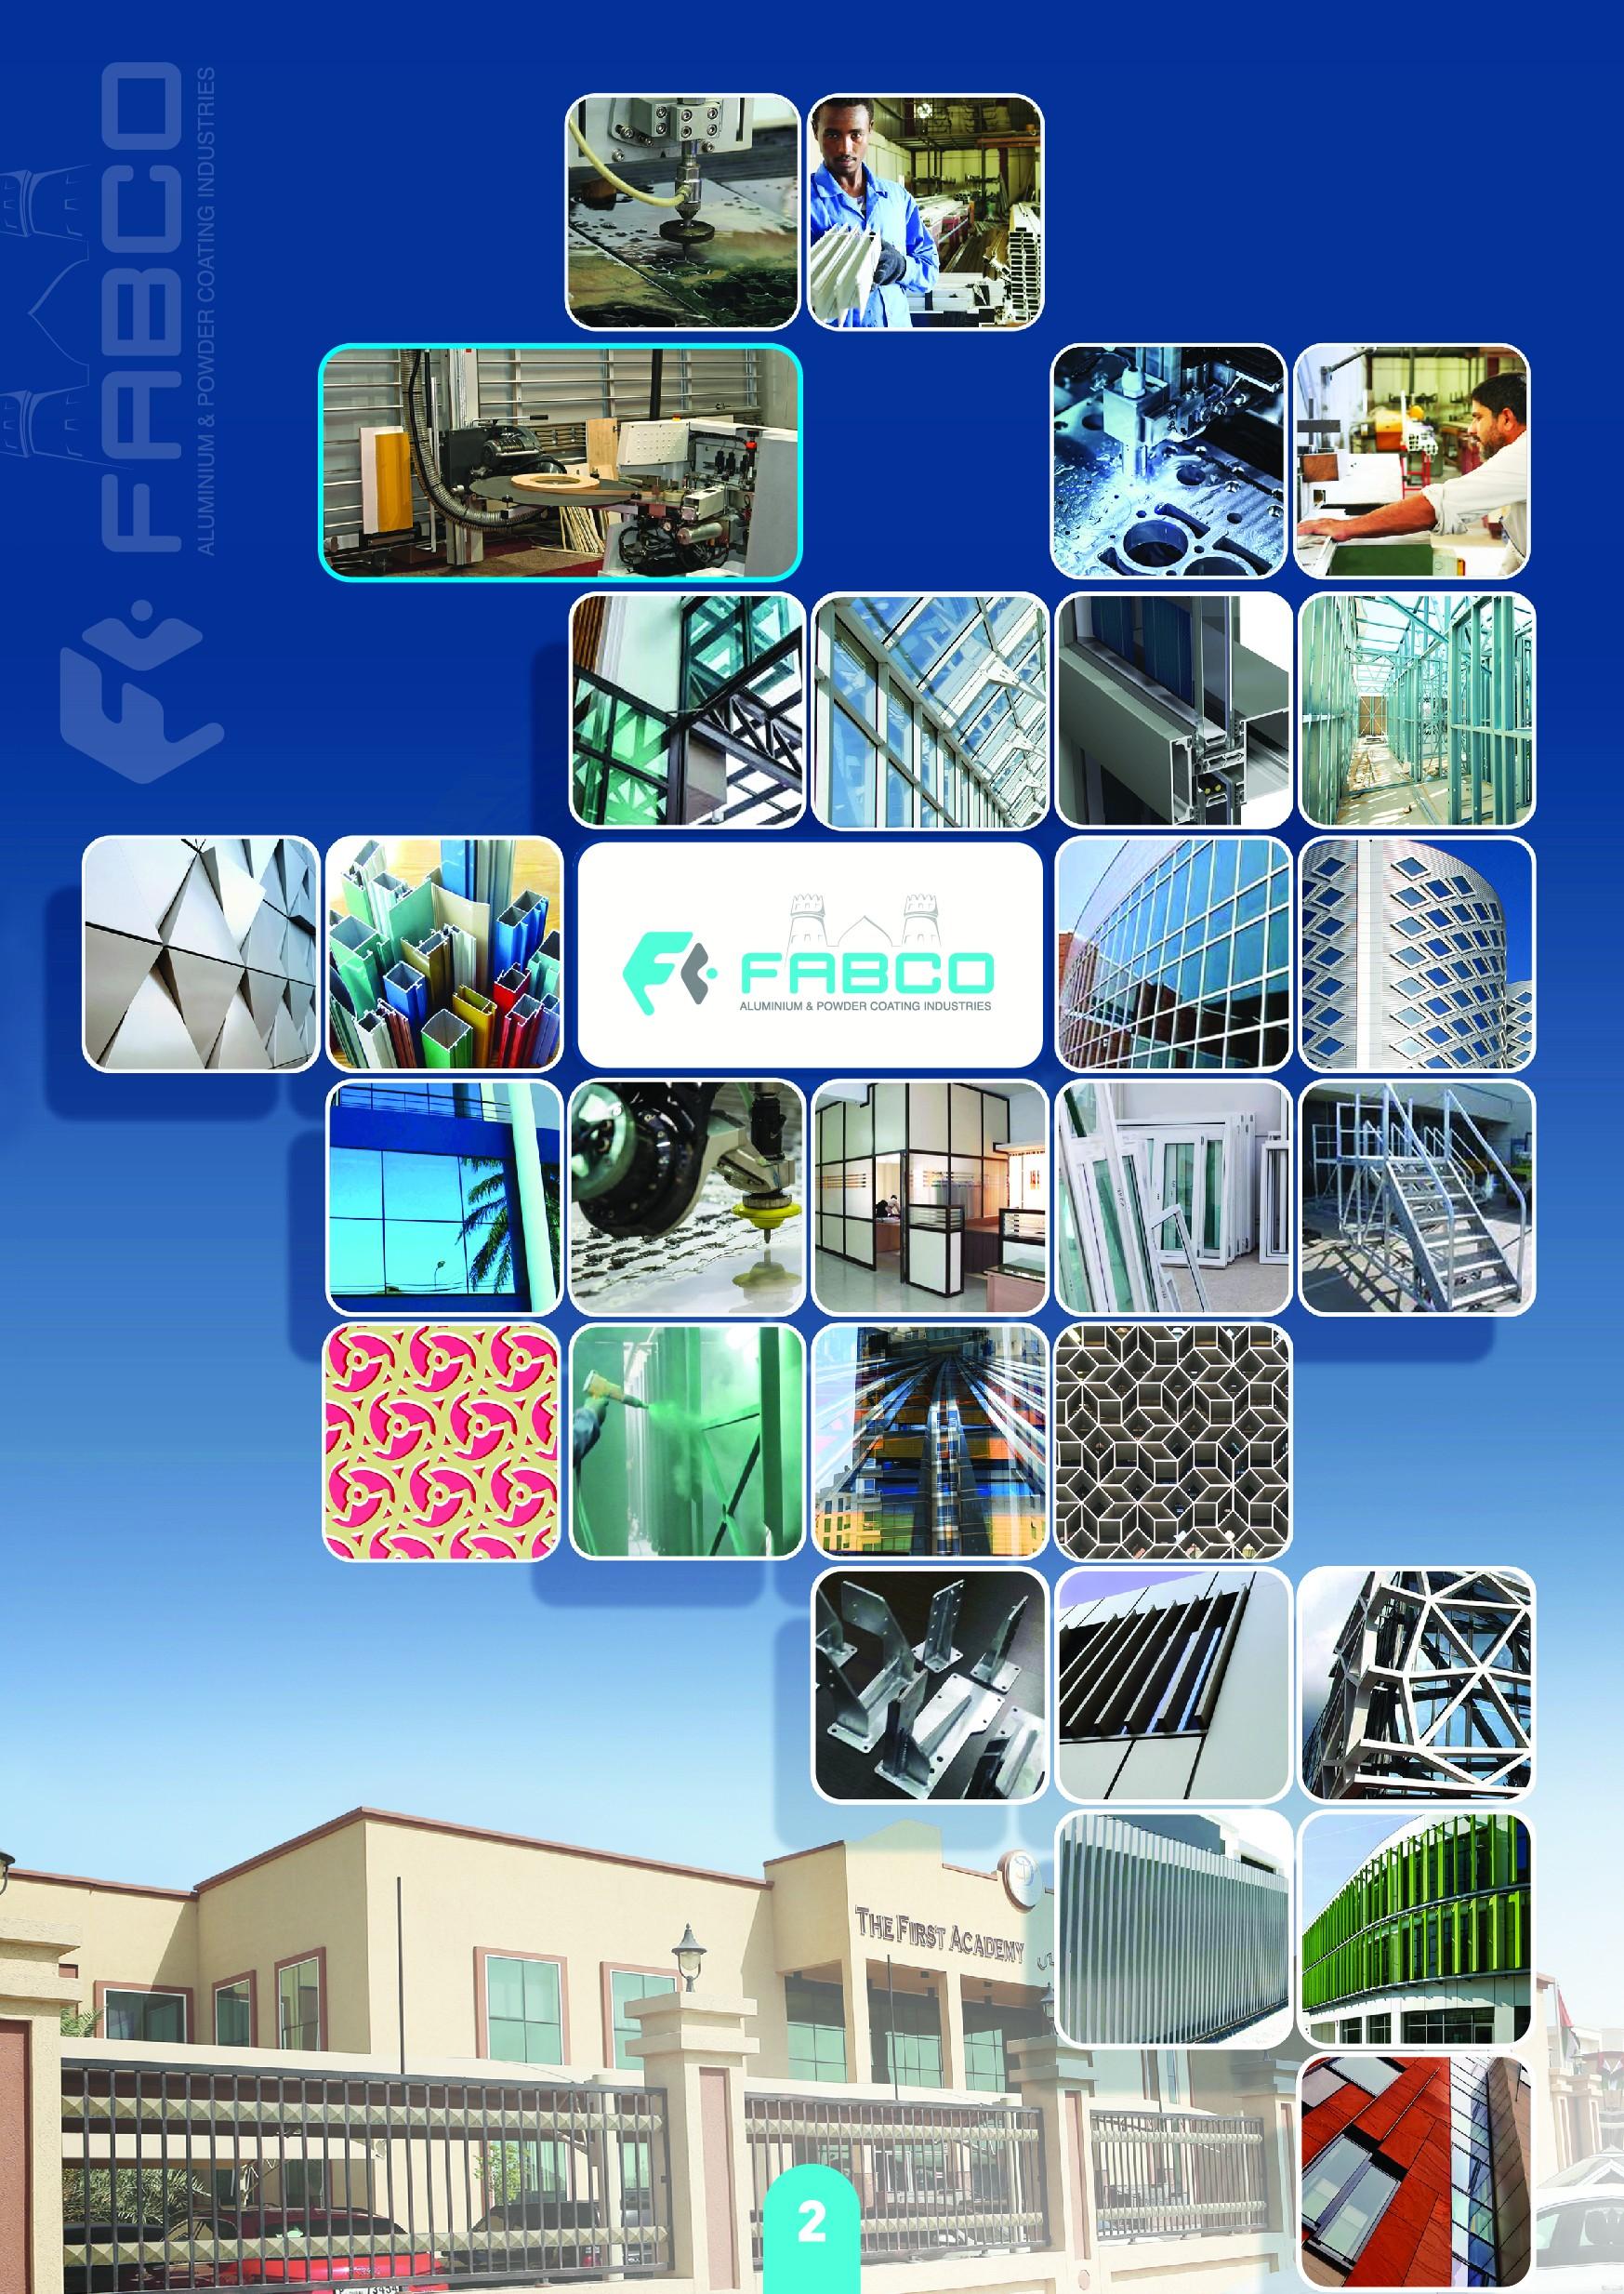 Fabco Aluminium & Powder Coating Industries | LinkedIn